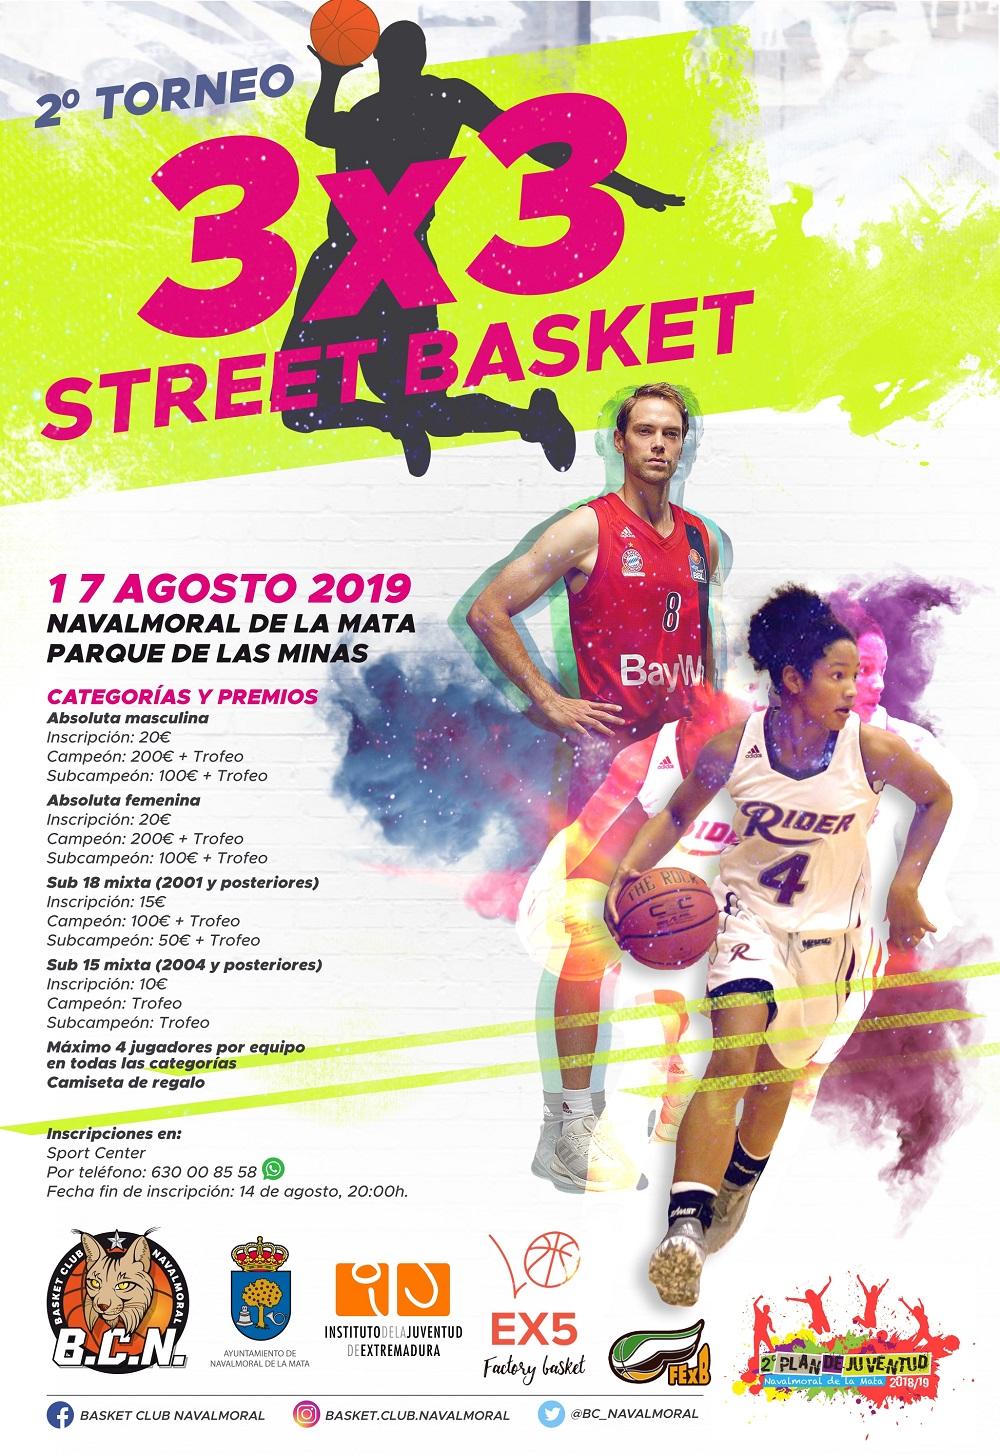 Segunda edición del 3x3 Street Basket de Navalmoral de la Mata